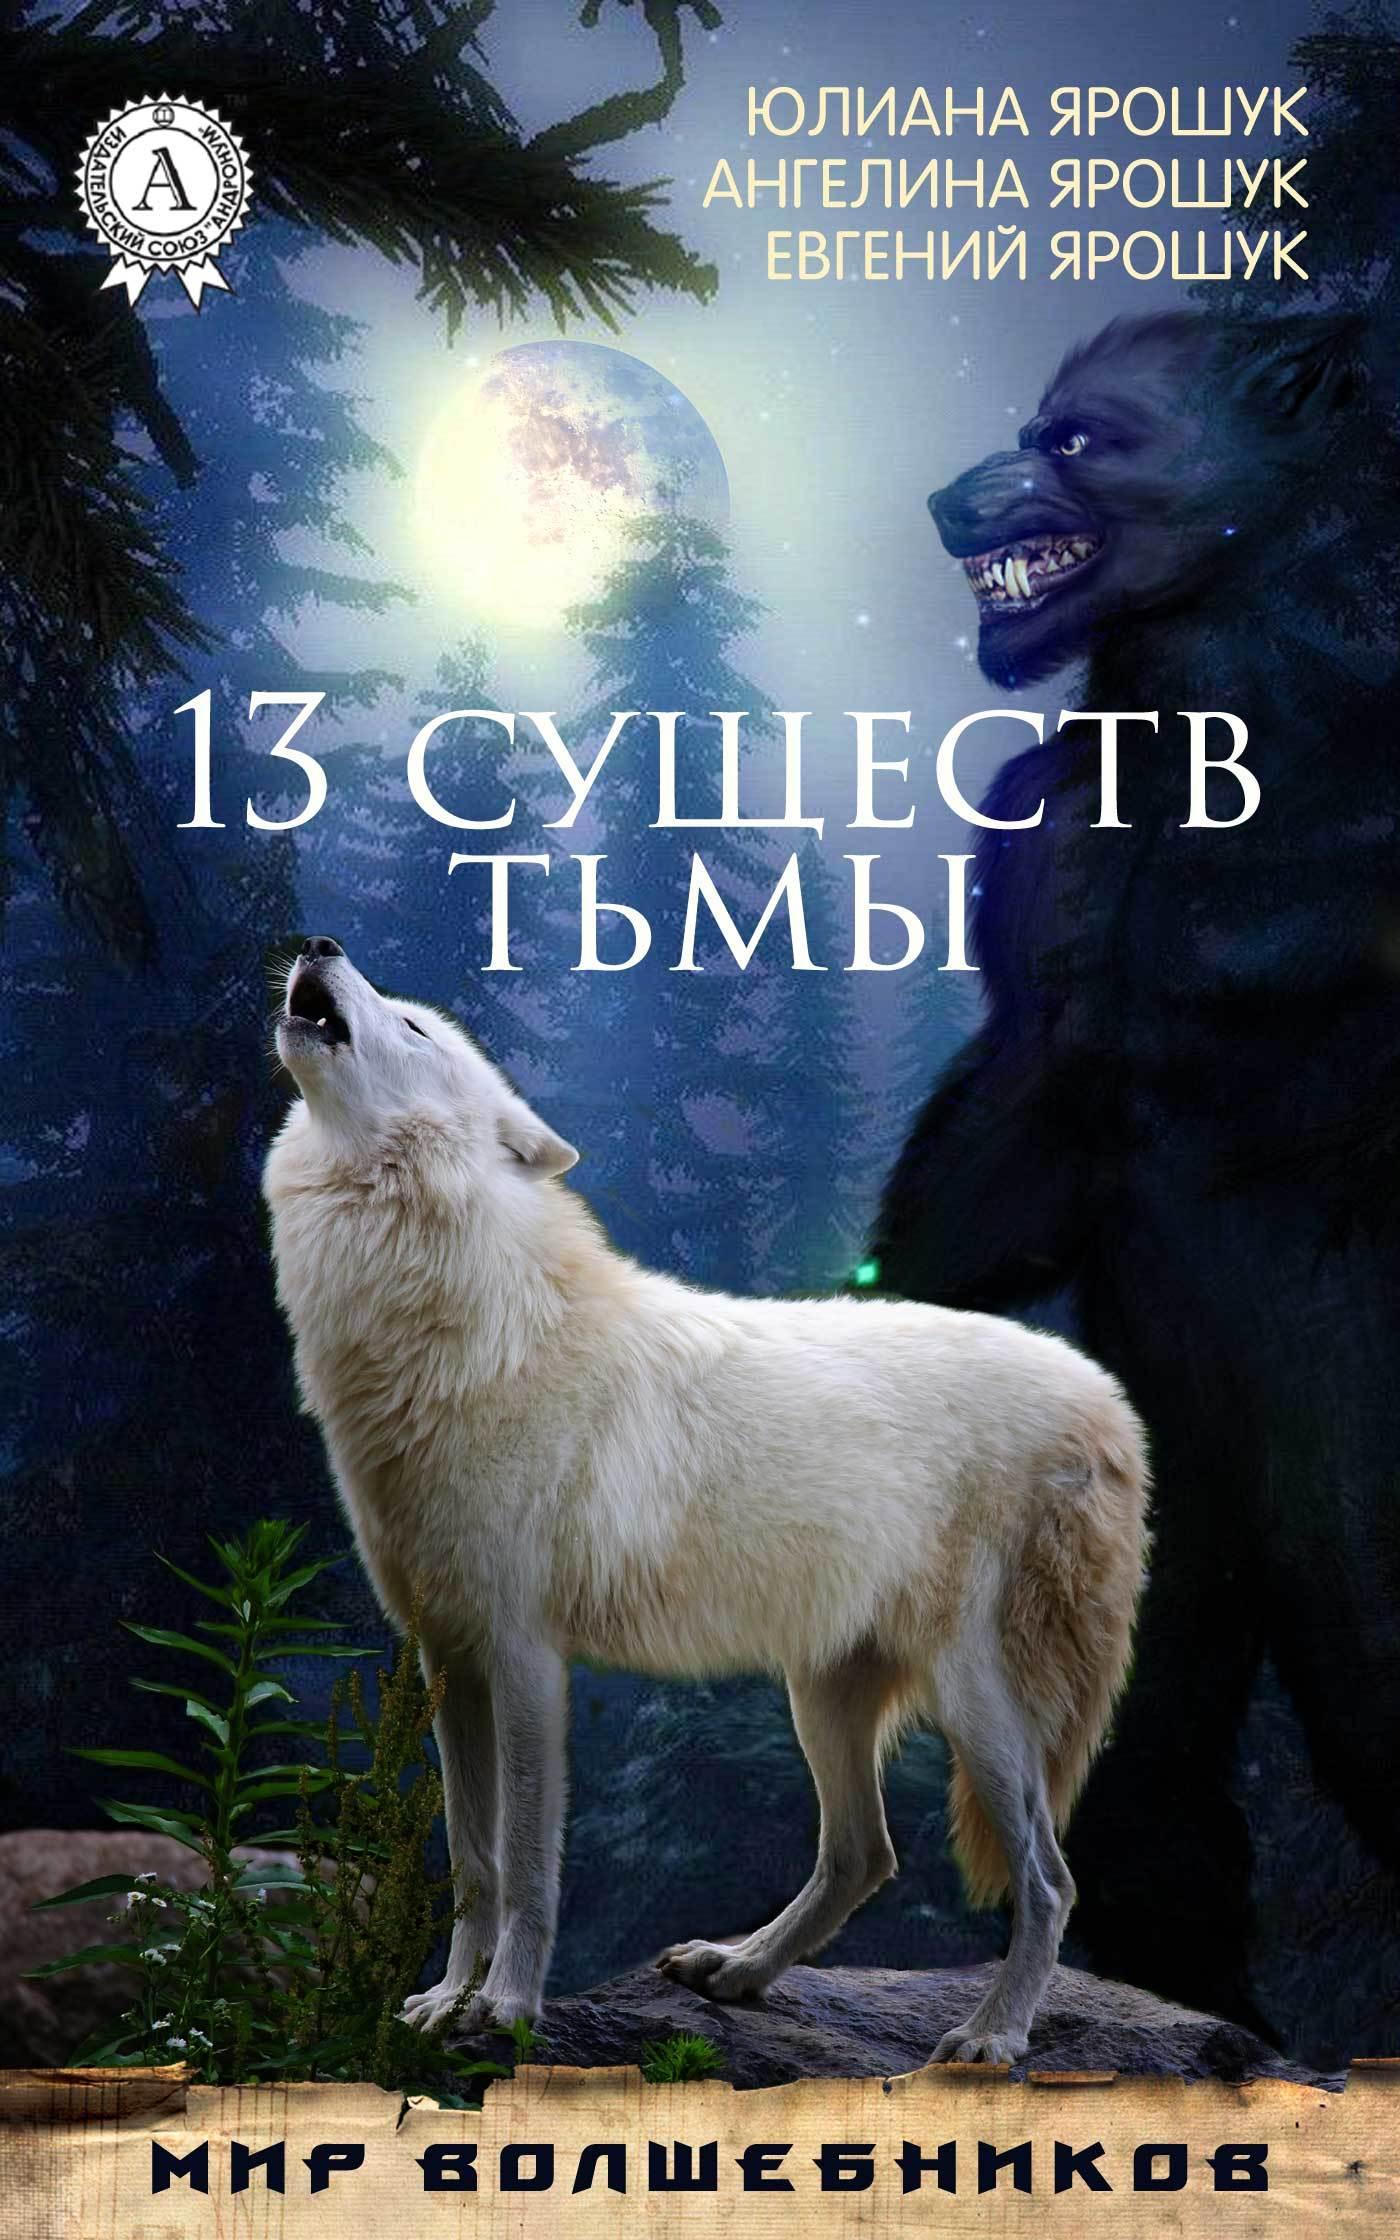 Юлиана Ярошук, Евгений Ярошук - 13 существ тьмы